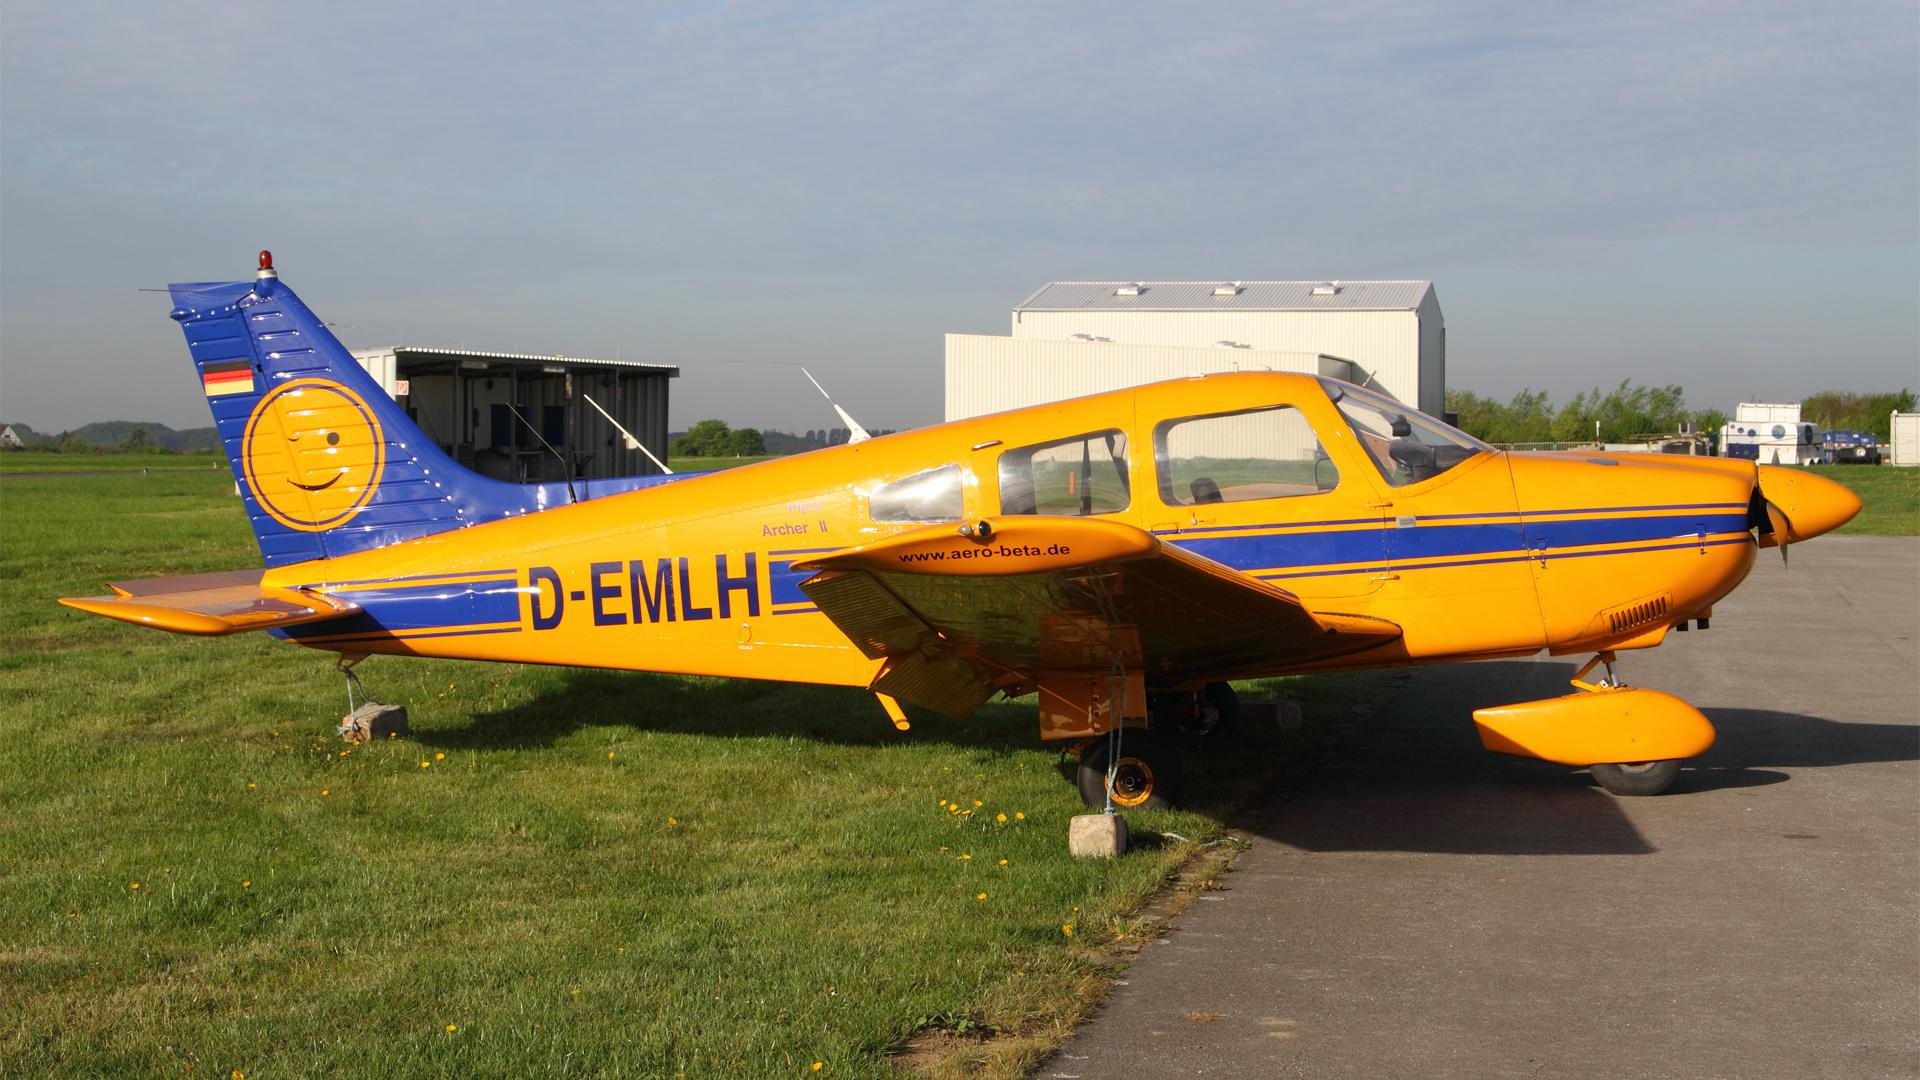 D-EMLH-1 PA18 ESS 201005